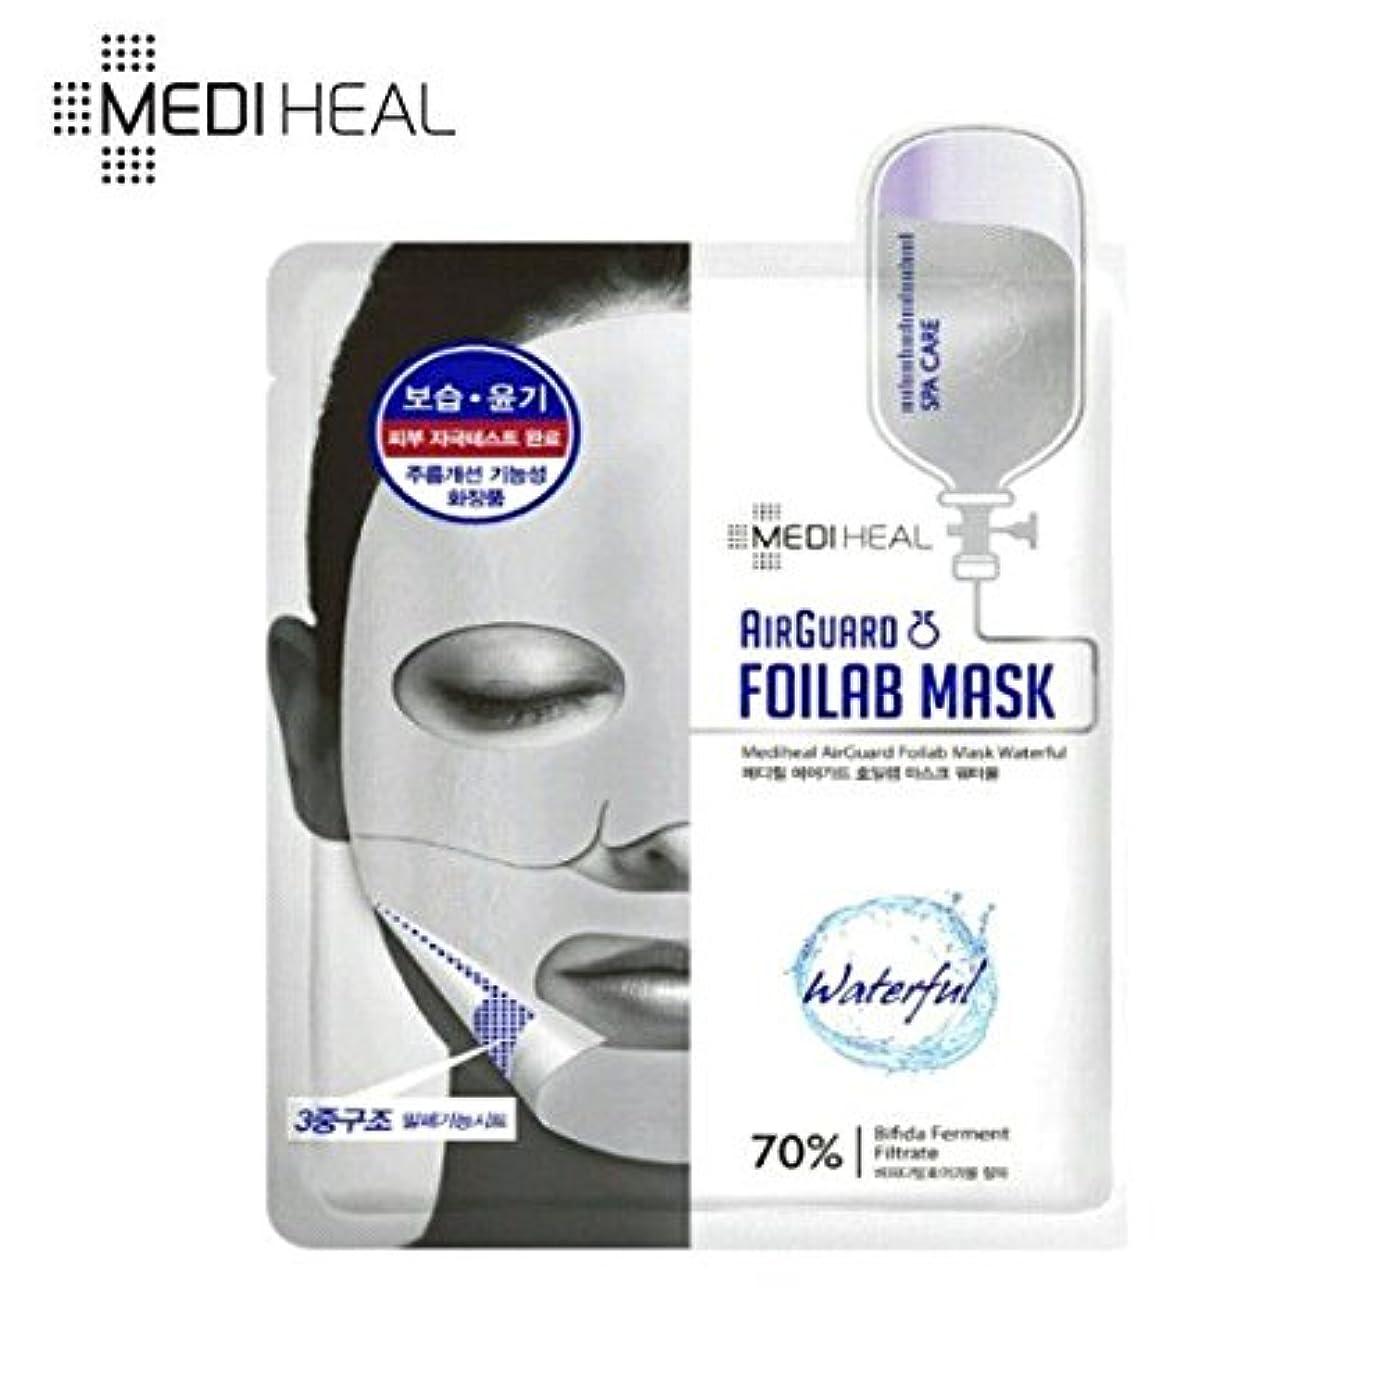 非アクティブイーウェルずんぐりしたMEDIHEAL/メディヒール/air guard foillab mask waterful/エアーガードフォイルマスク ウォーターフル/韓国/韓国コスメ/保湿/乾燥